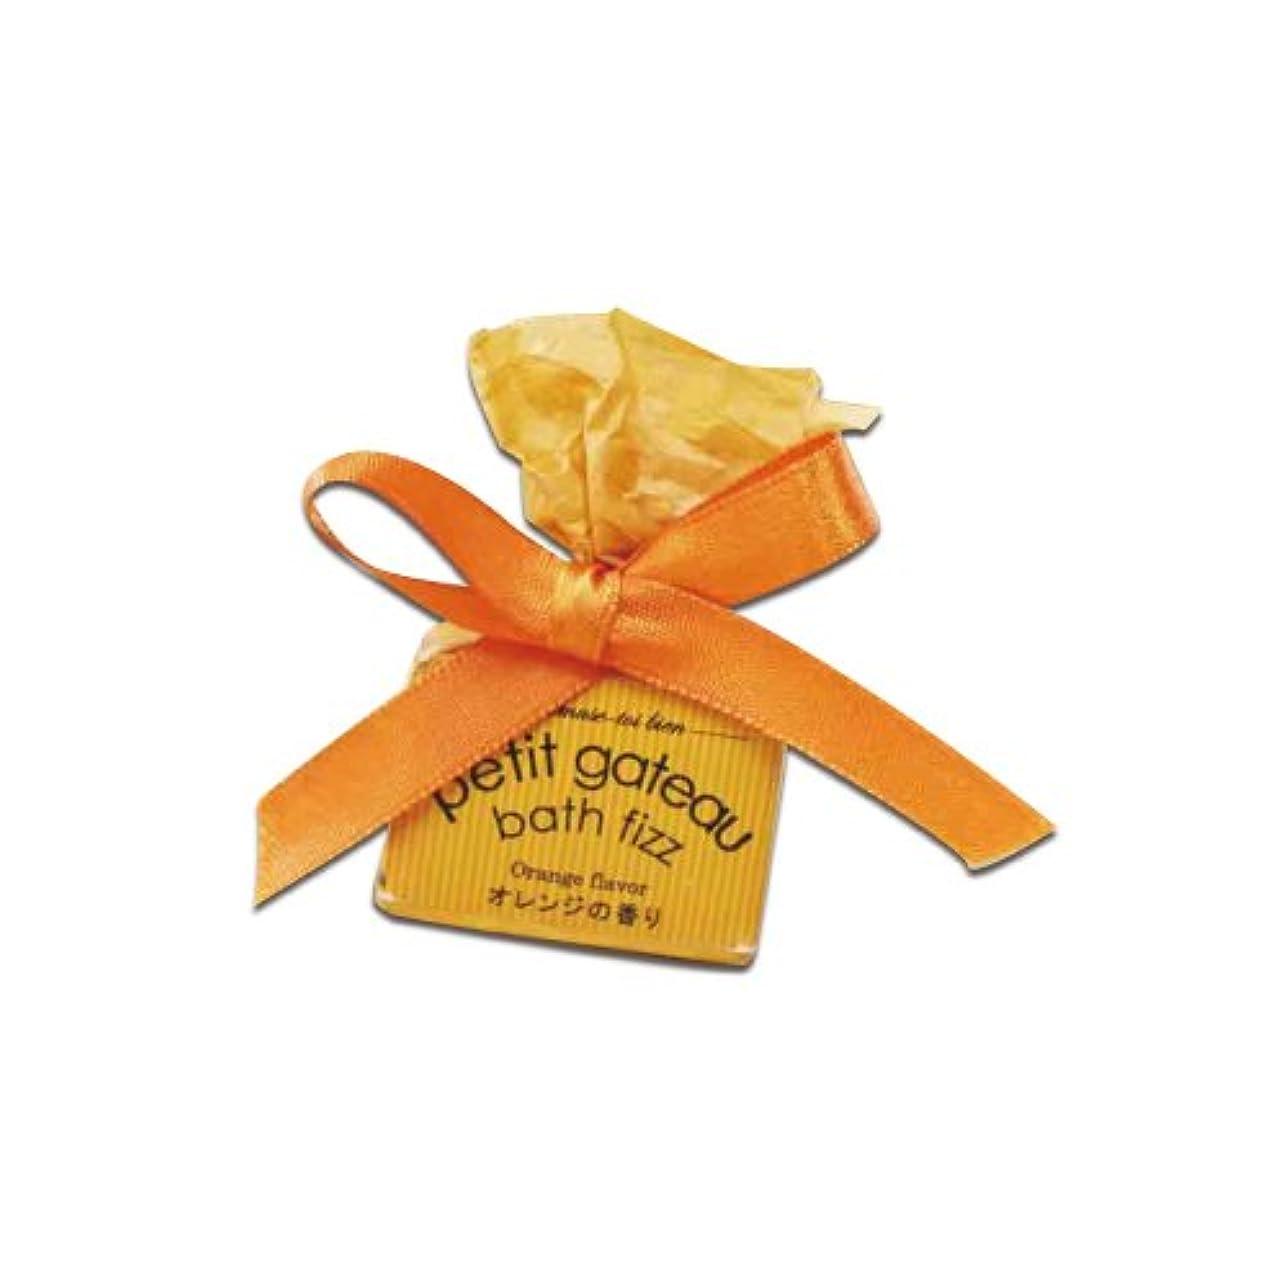 夜間公平ゾーンプチガトーバスフィザー オレンジの香り 12個セット